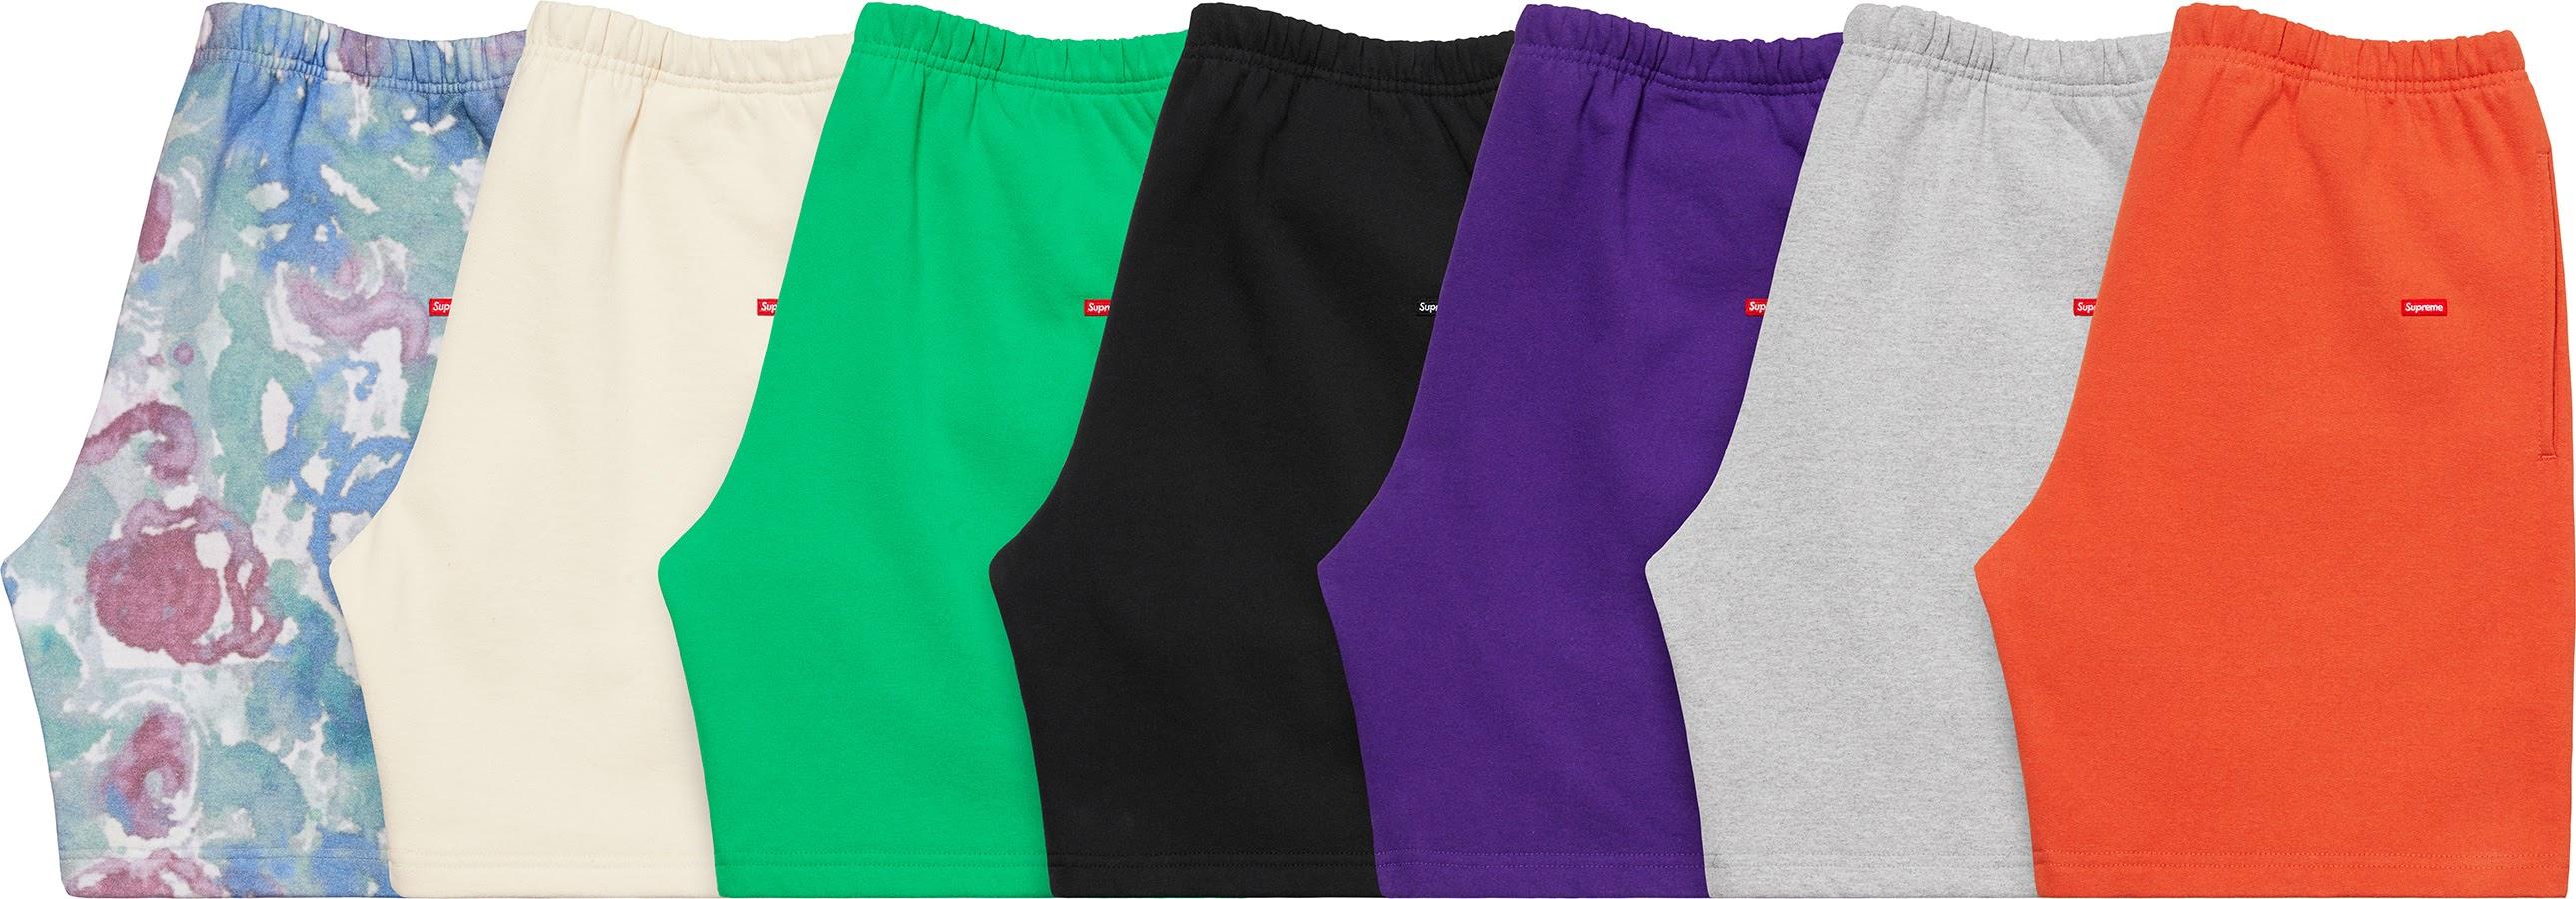 シュプリーム 2021年 春夏 新作 パンツ ショーツ Supreme 2021ss pants shorts 一覧 Small Box Sweatshort